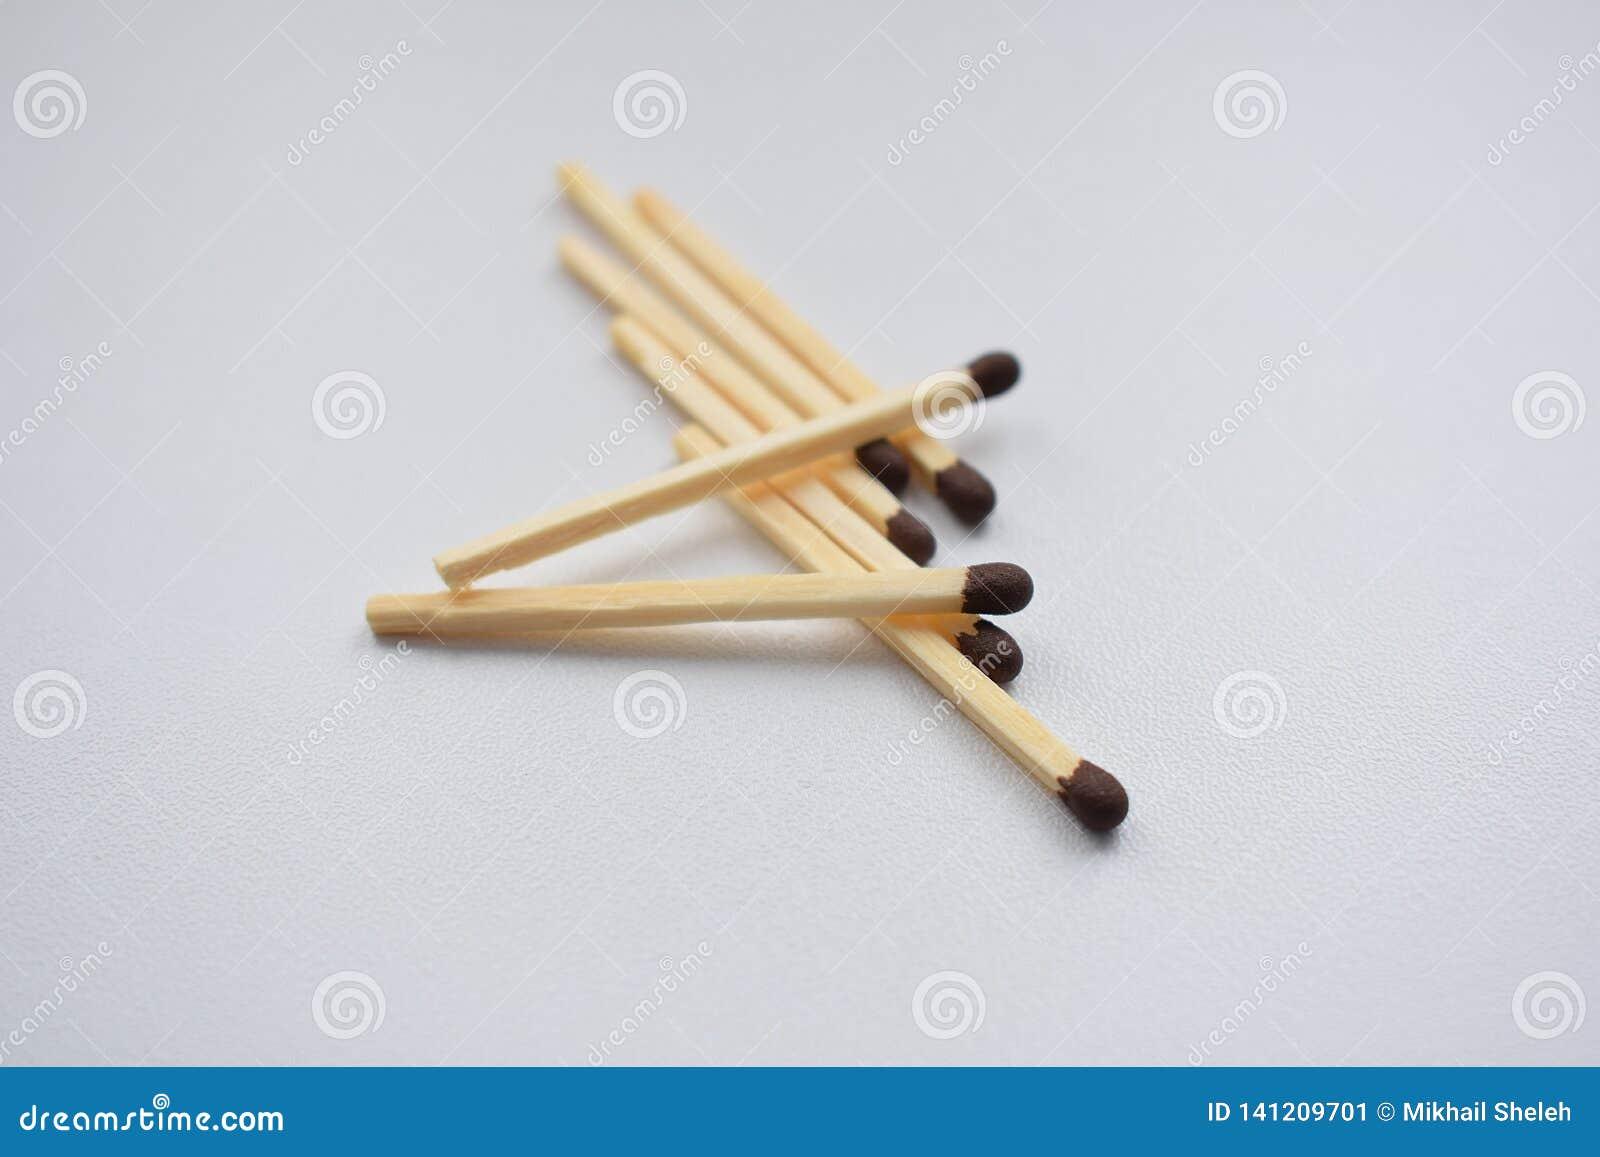 Matchs dispersés sur un fond blanc